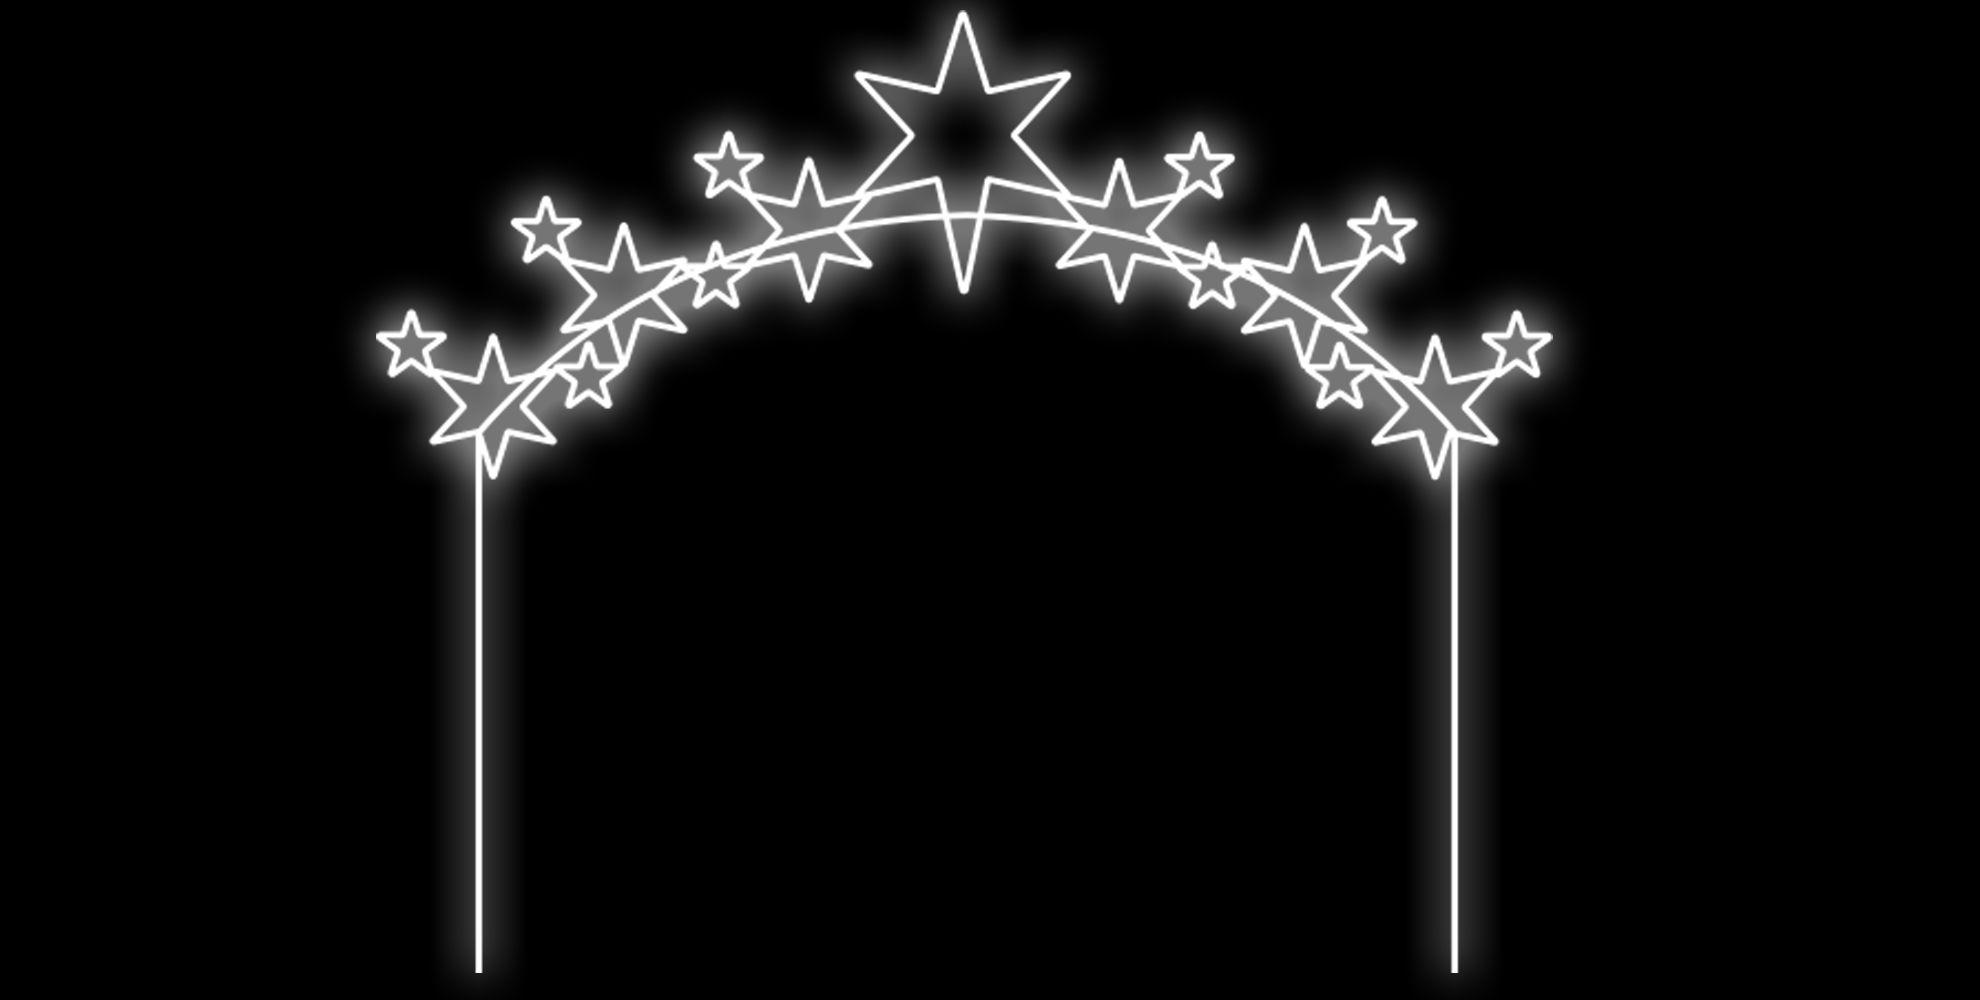 PO-043 - Painel Iluminado Led Caminho Estrelado - (Veja Opções Tamanhos)